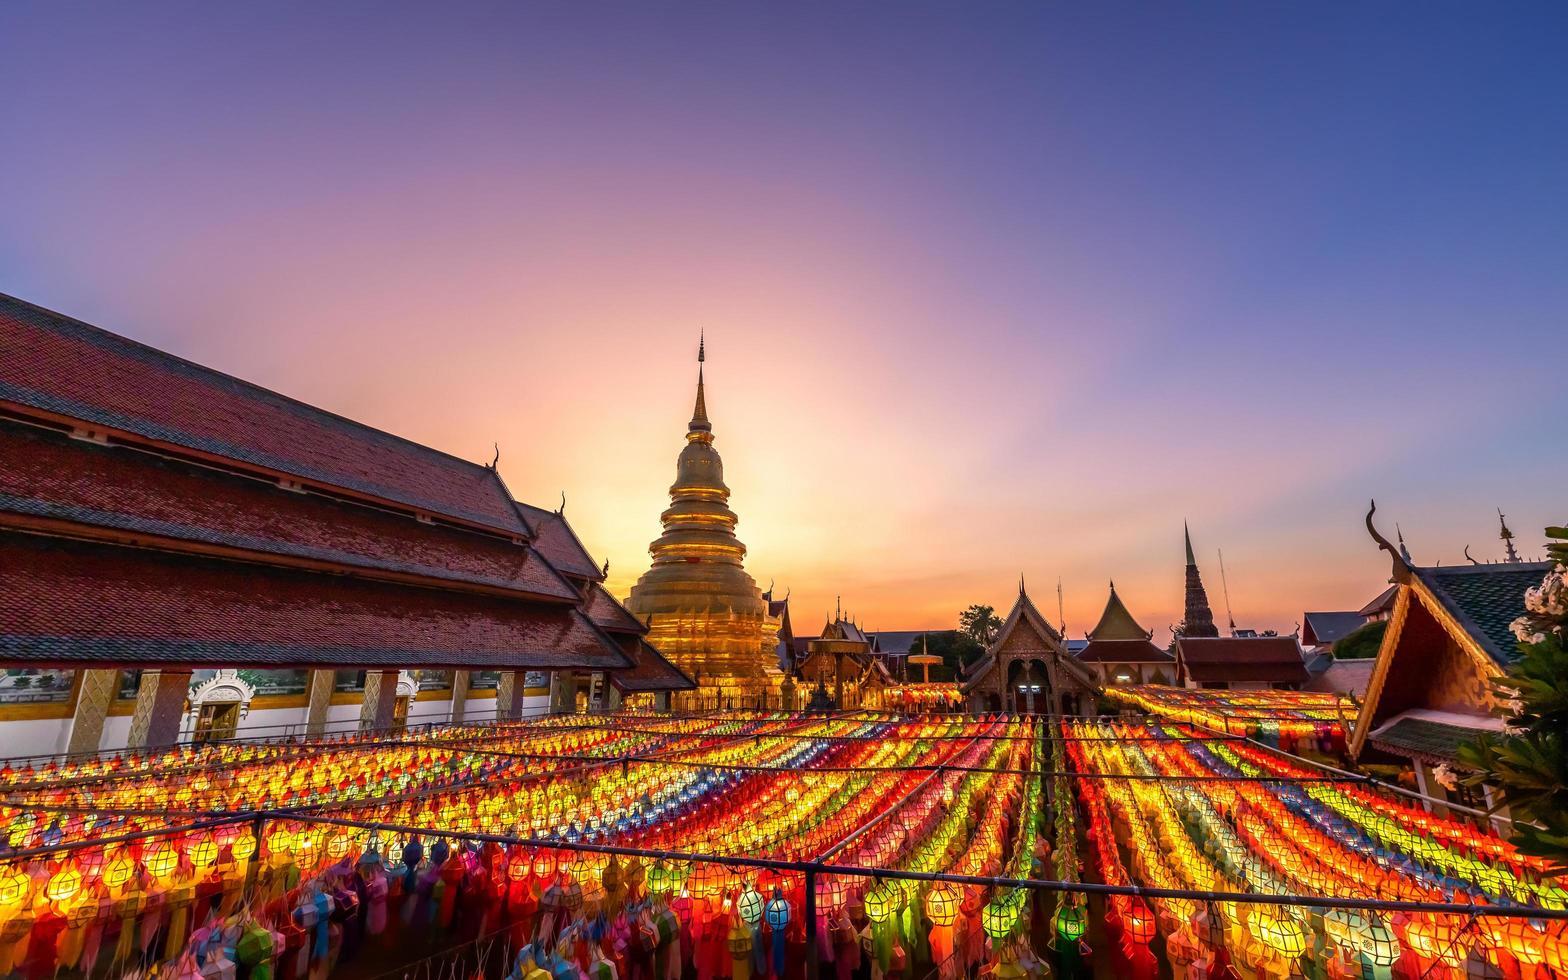 tramonto sopra il festival di yi peng in Tailandia foto